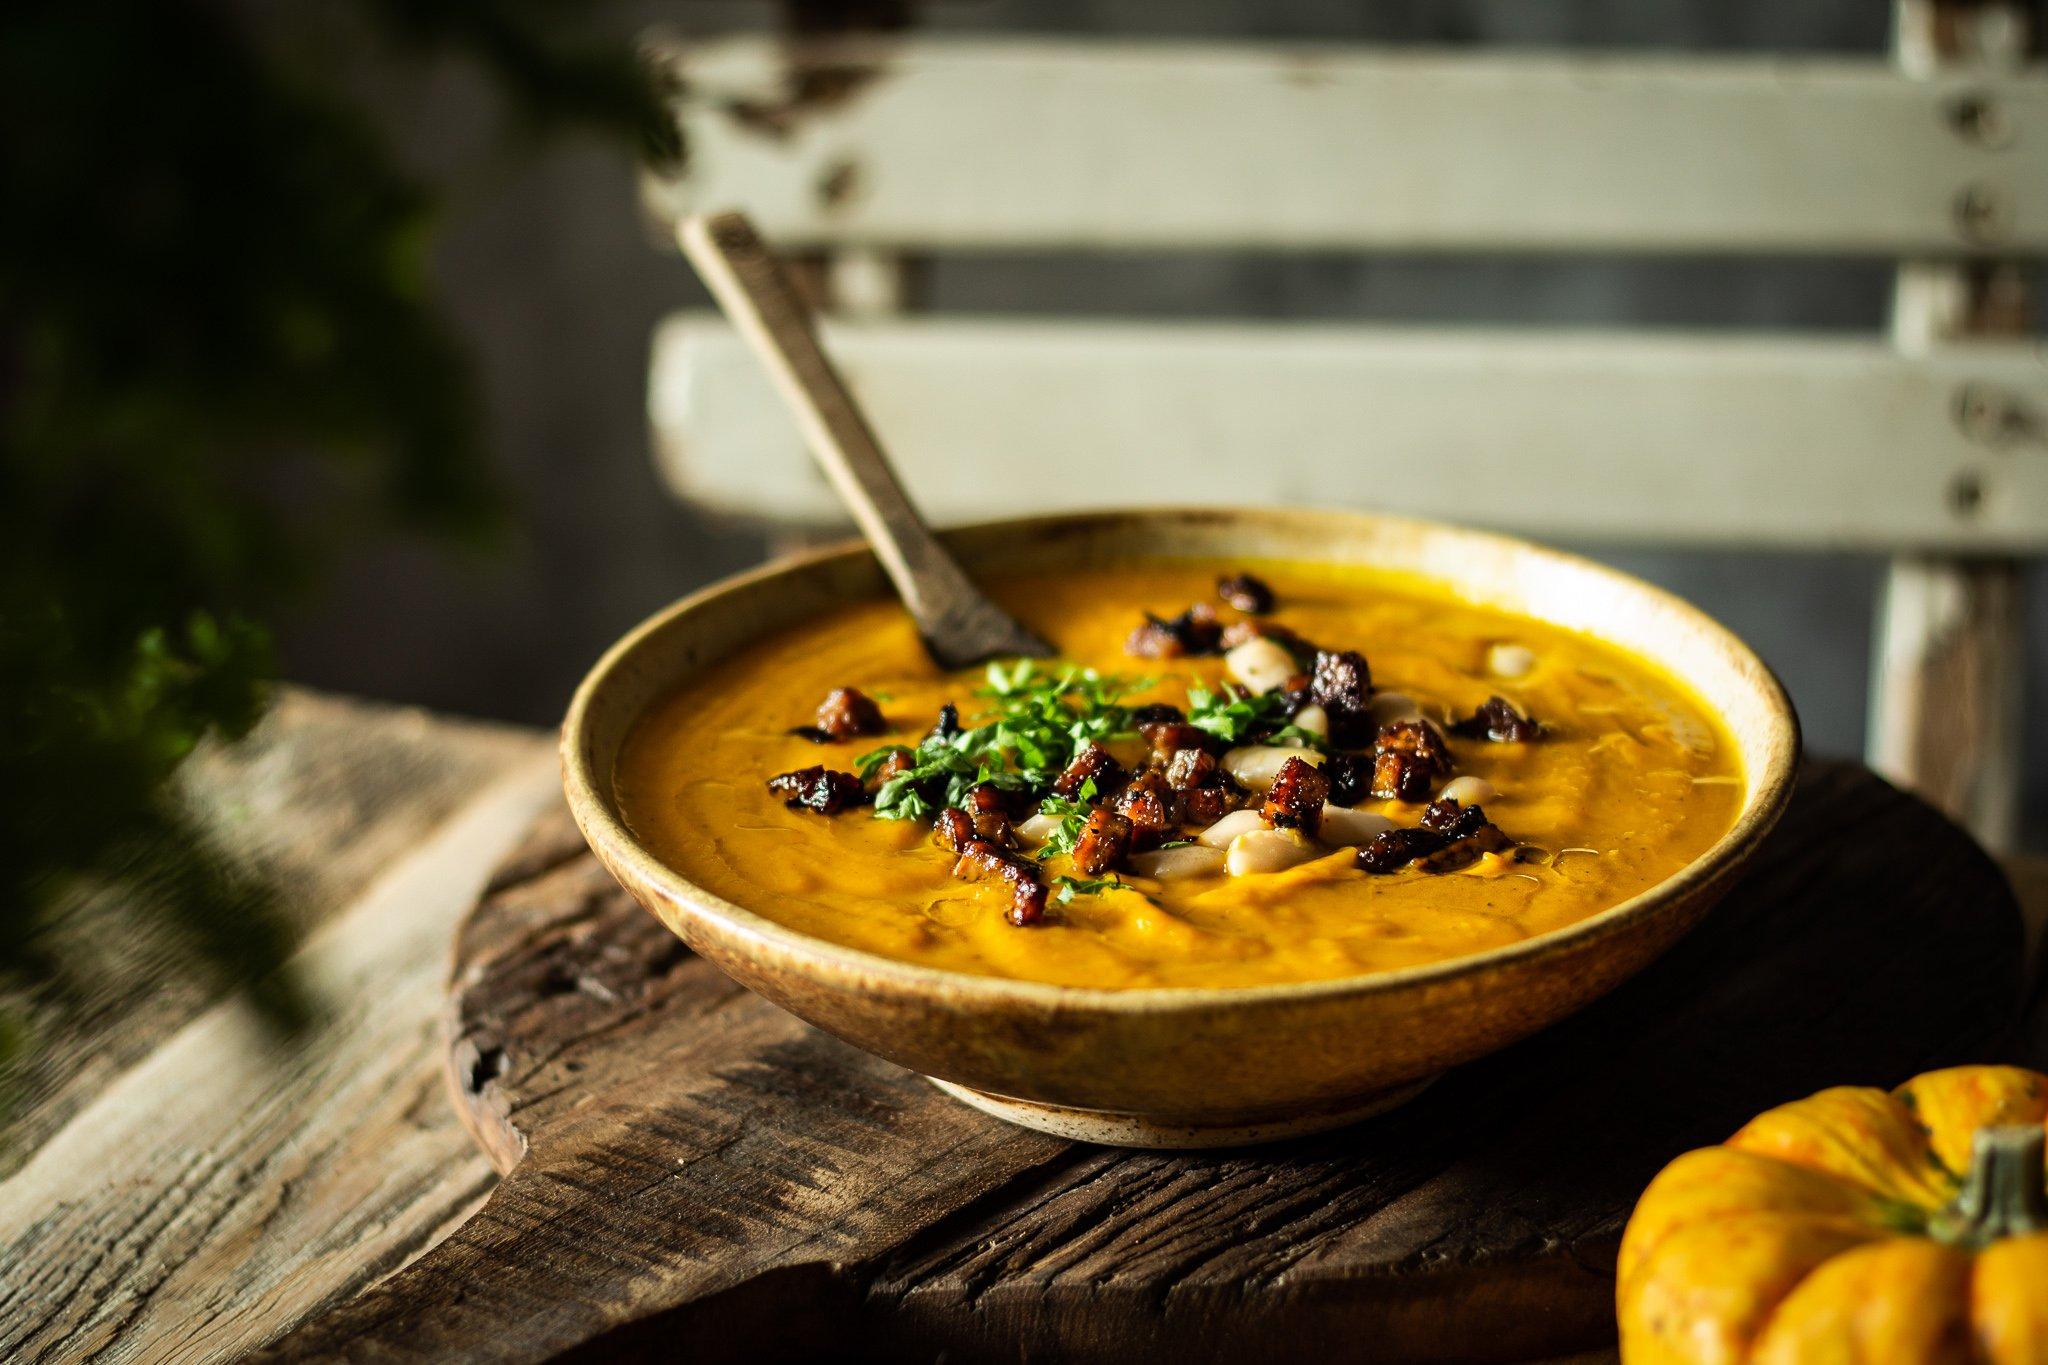 Kürbis-Suppe mit weissen Bohnen und Tofu-Speck